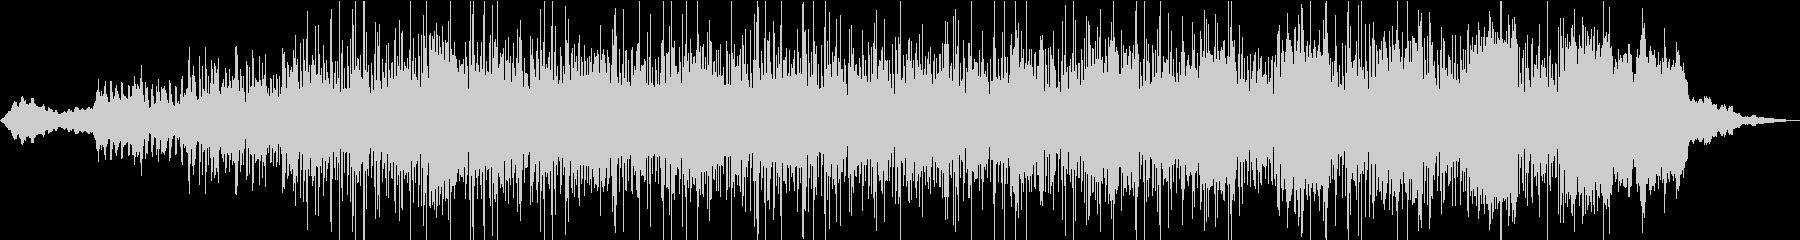 15 per 16の未再生の波形